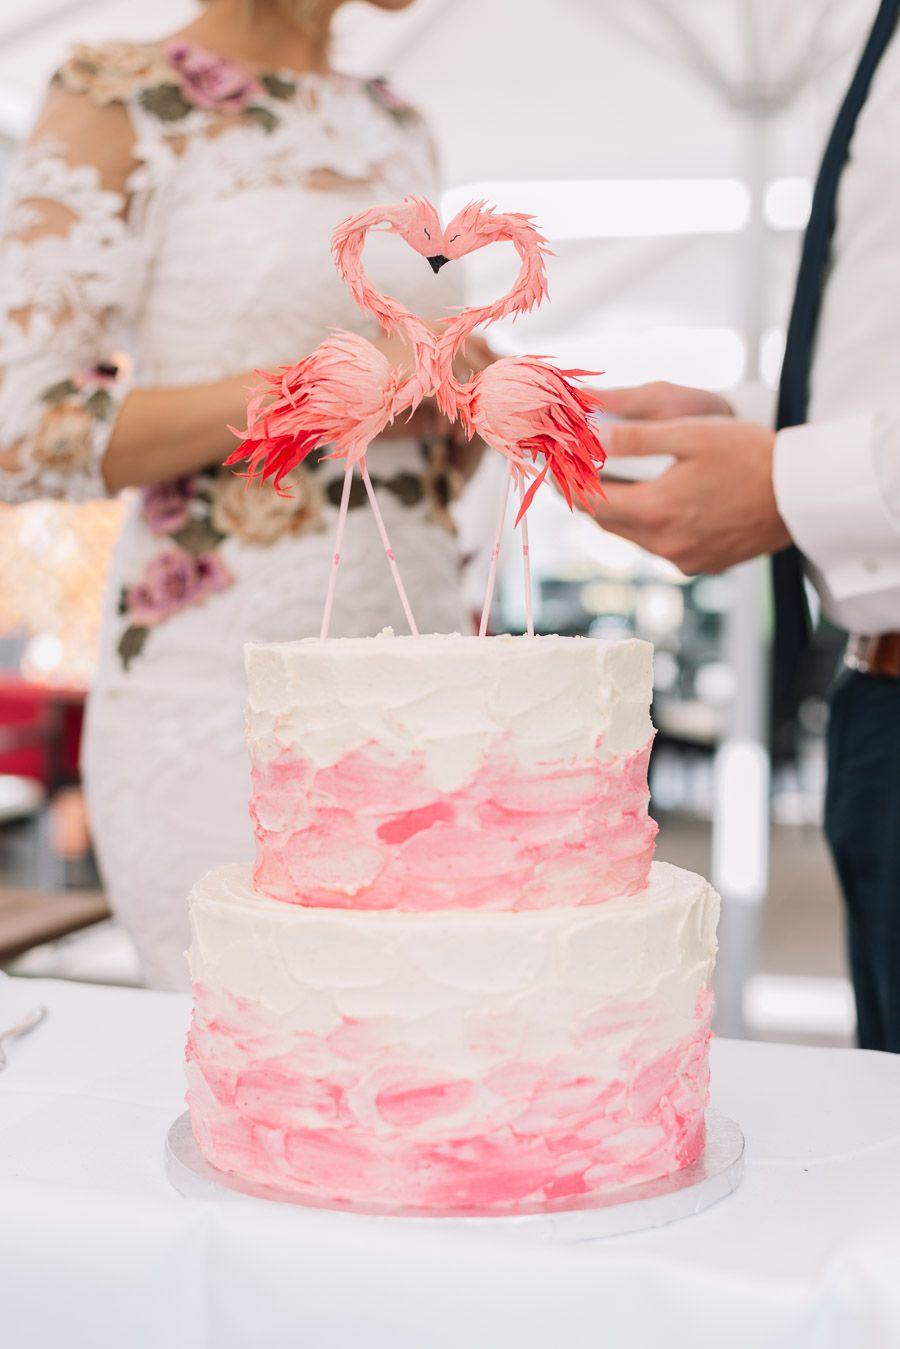 Romantische Standesamtliche Hochzeit | Flamingo, Flamingo party and Cake